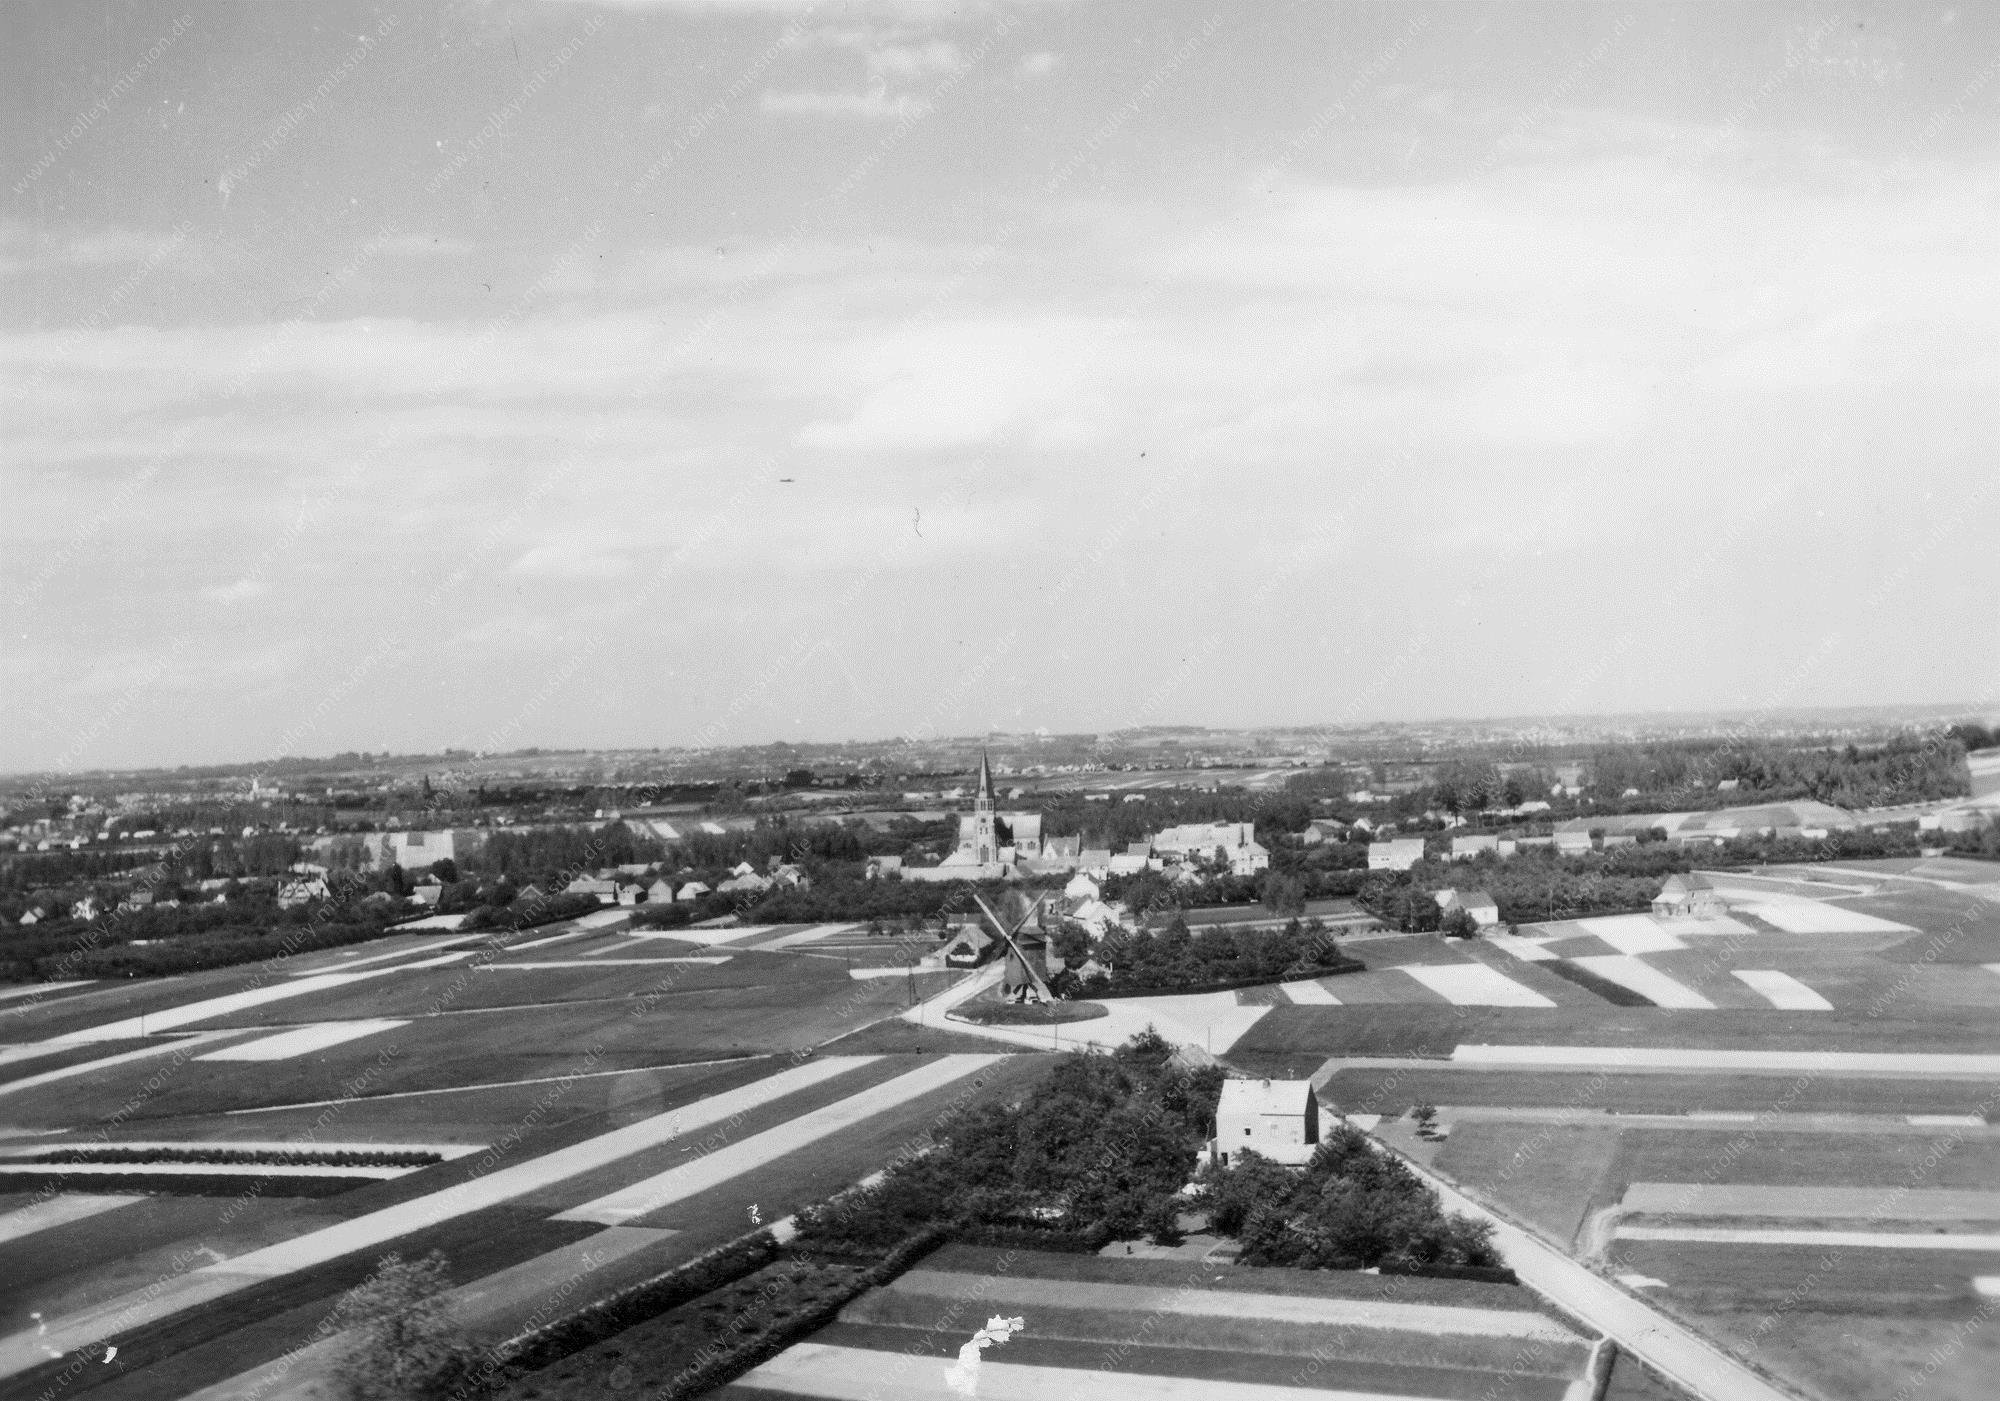 Luchtfoto Sint-Gaugericuskerk in Pamel (Pajottenland) een deelgemeente van Roosdaal